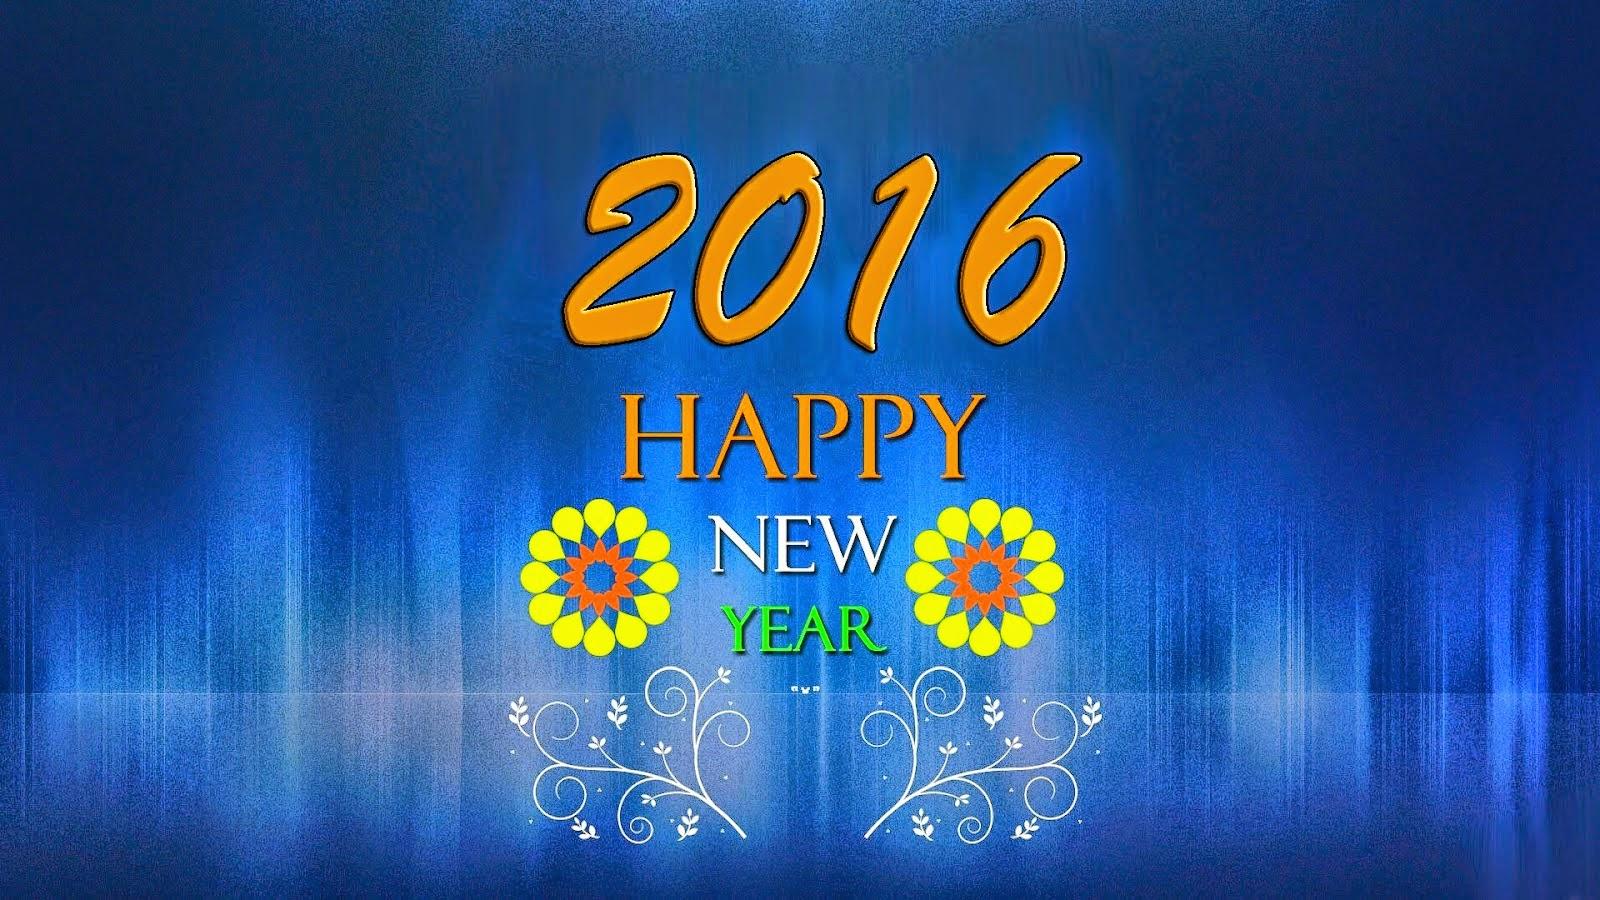 Hình nền chúc mừng năm mới 2016 - ảnh 8